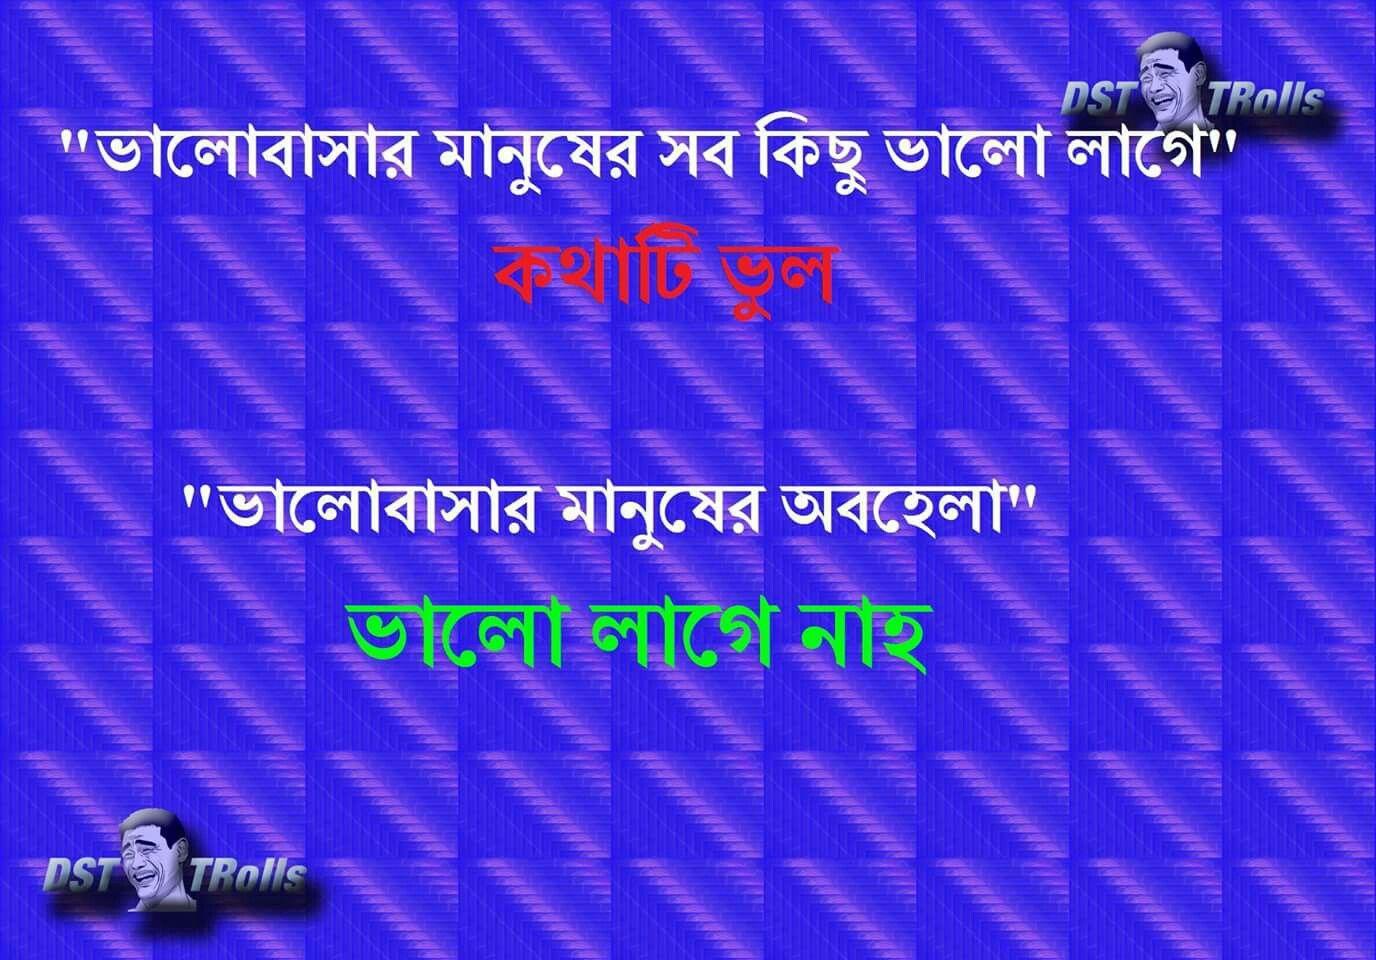 Pin By Nazma Sultana On  U09ac U09be U0982 U09b2 U09be  U0995 U09cb U099f U099f U09c7 U09b6 U09a8